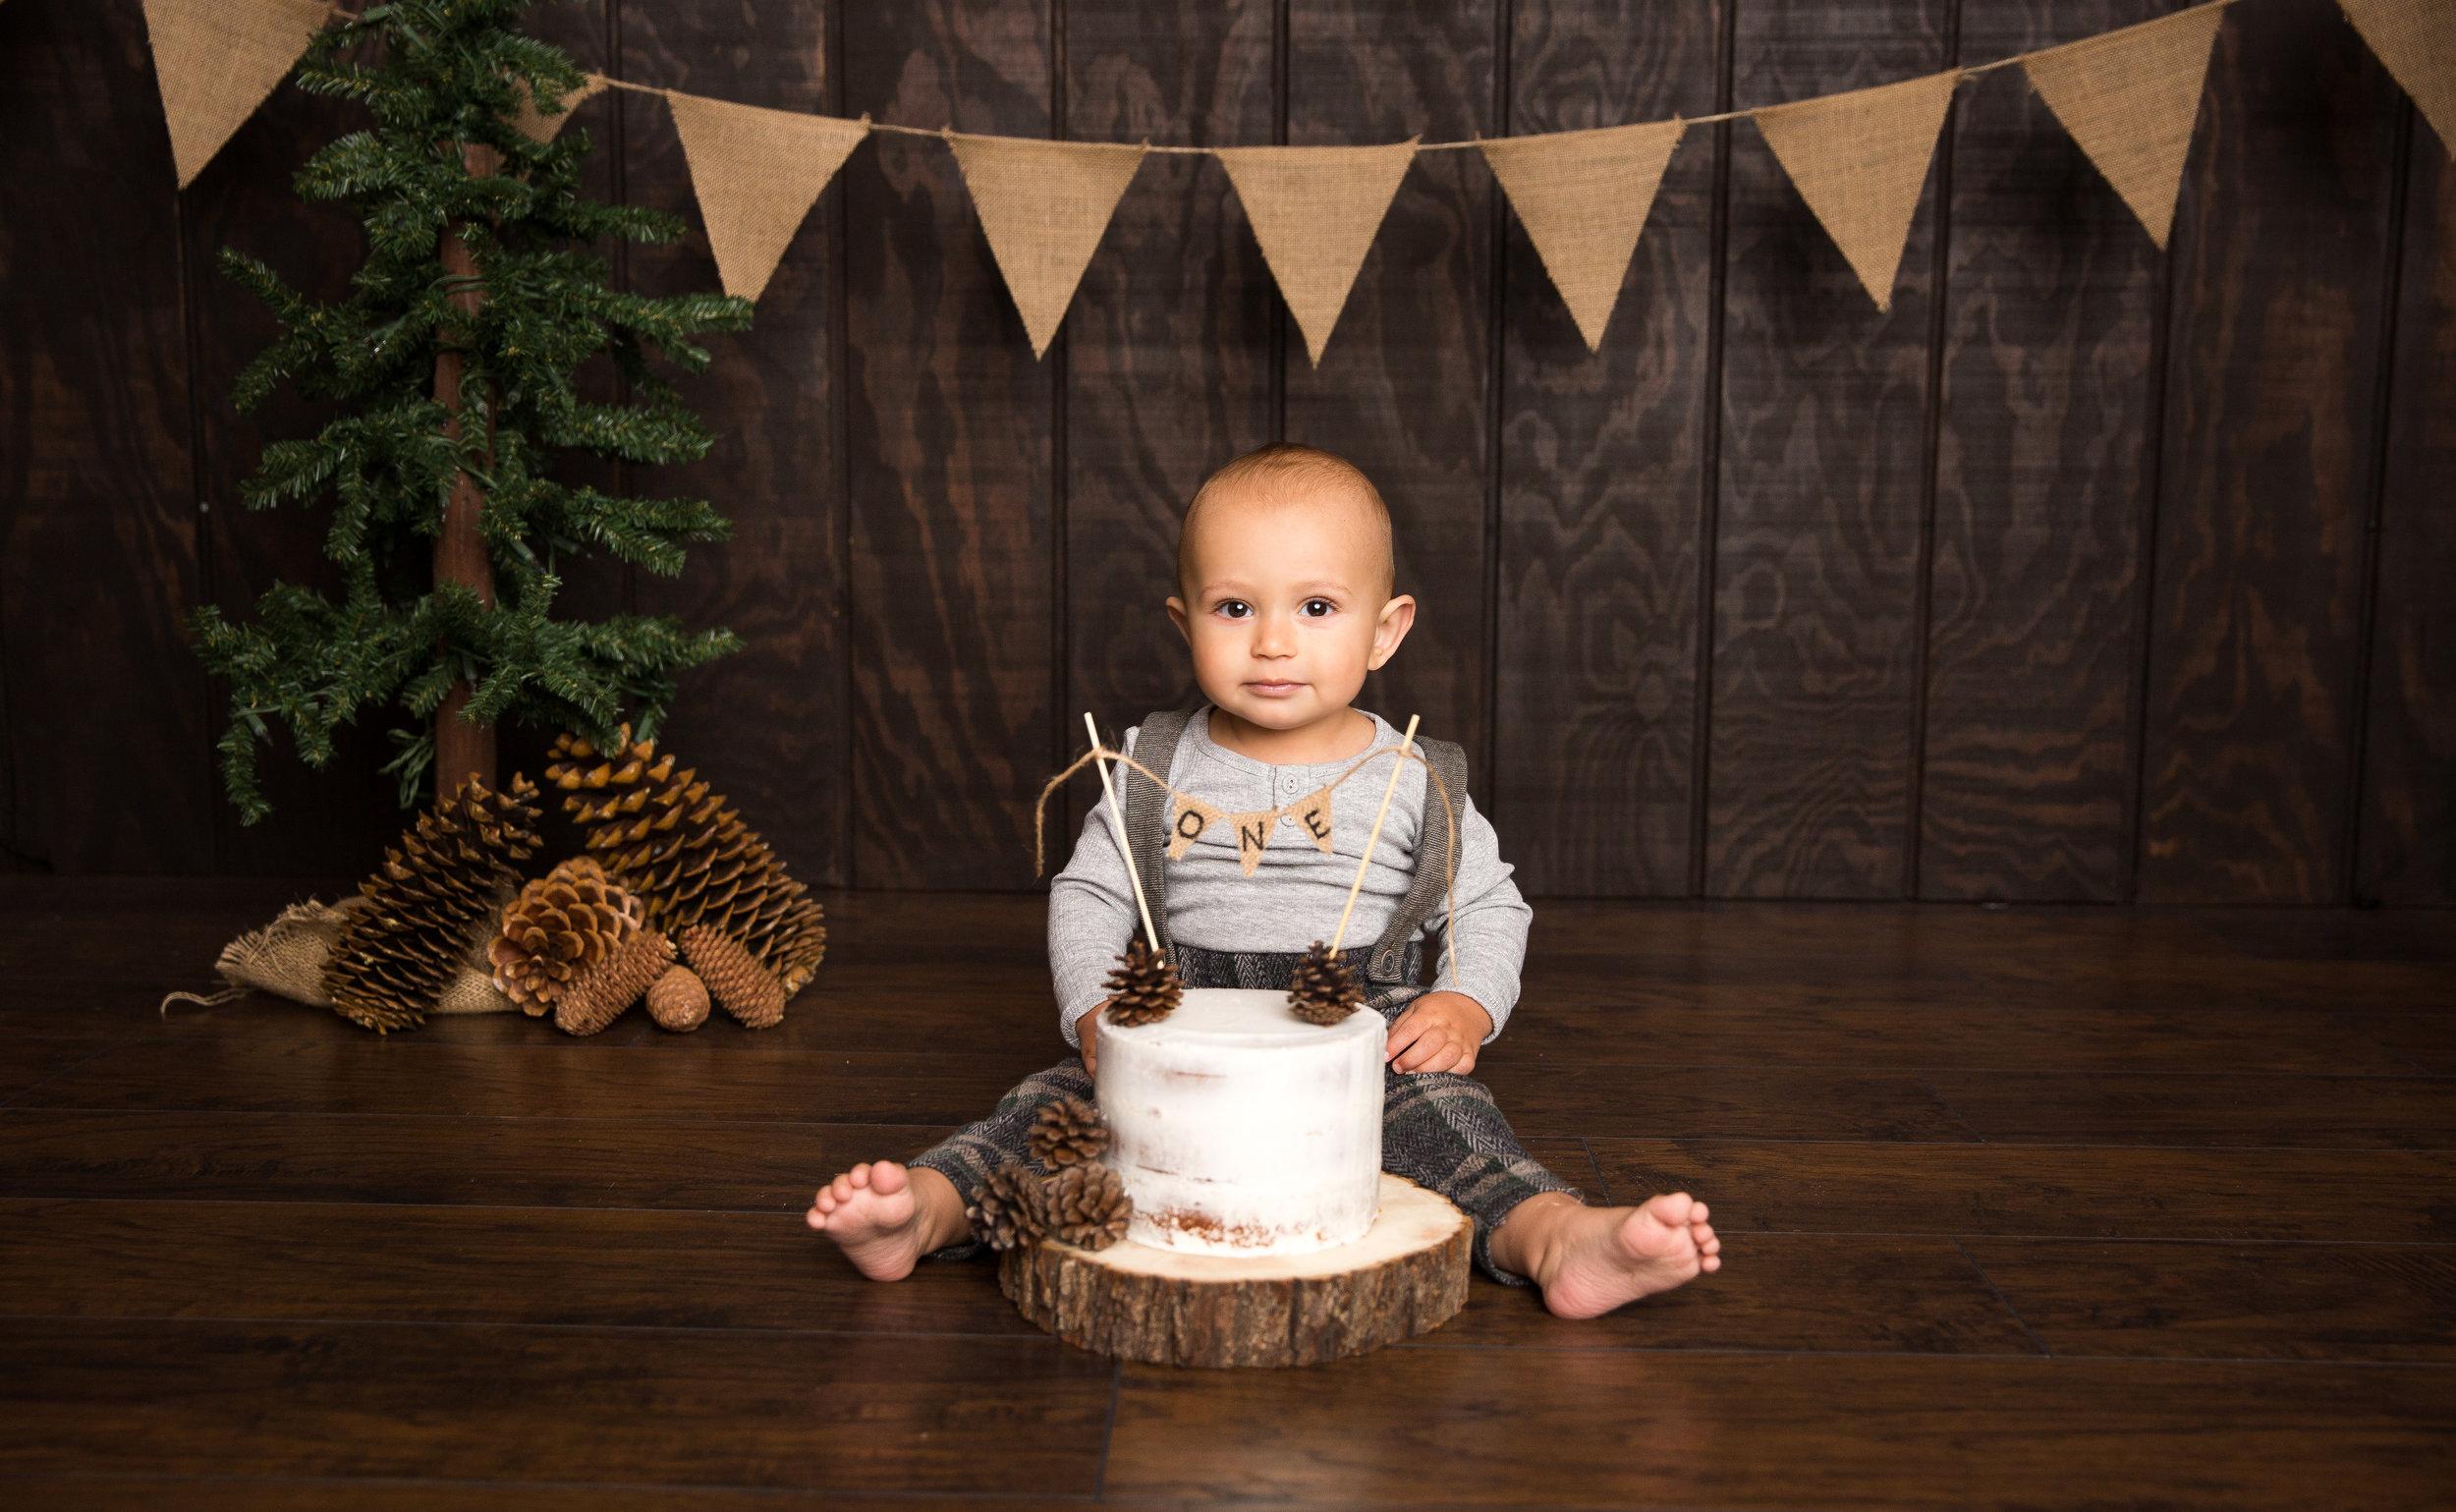 Pine Cone Cake Smash-Pine Cone Cake Smash-0013.jpg